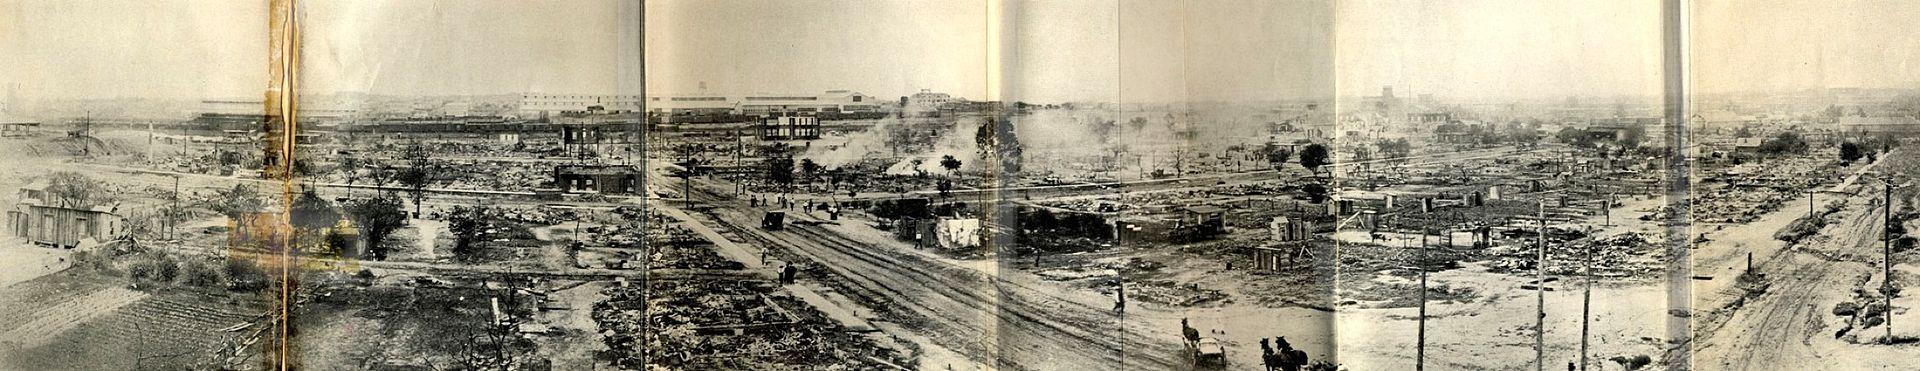 """Voici une prise de vue témoignant de l'étendue des dégâts causés par les """"Émeutes raciales de Tulsa"""". La route qui traverse le centre de l'image est l'avenue Greenwood, le cœur de Black Wall Street."""